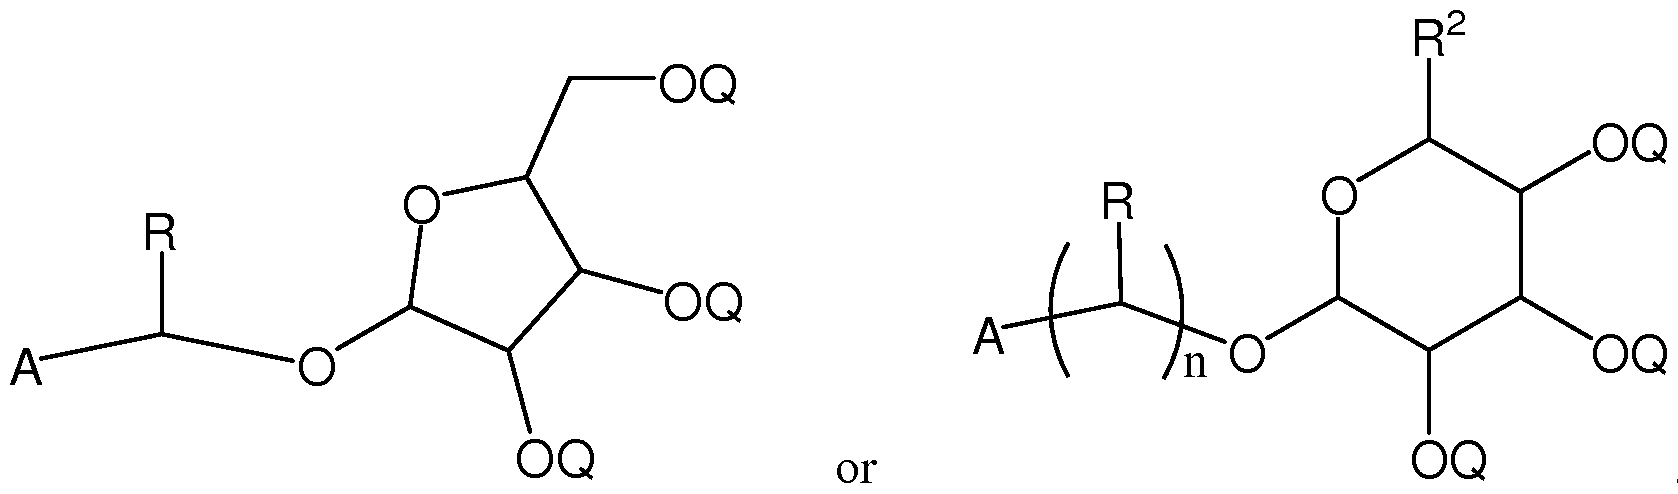 Figure imgf000030_0002